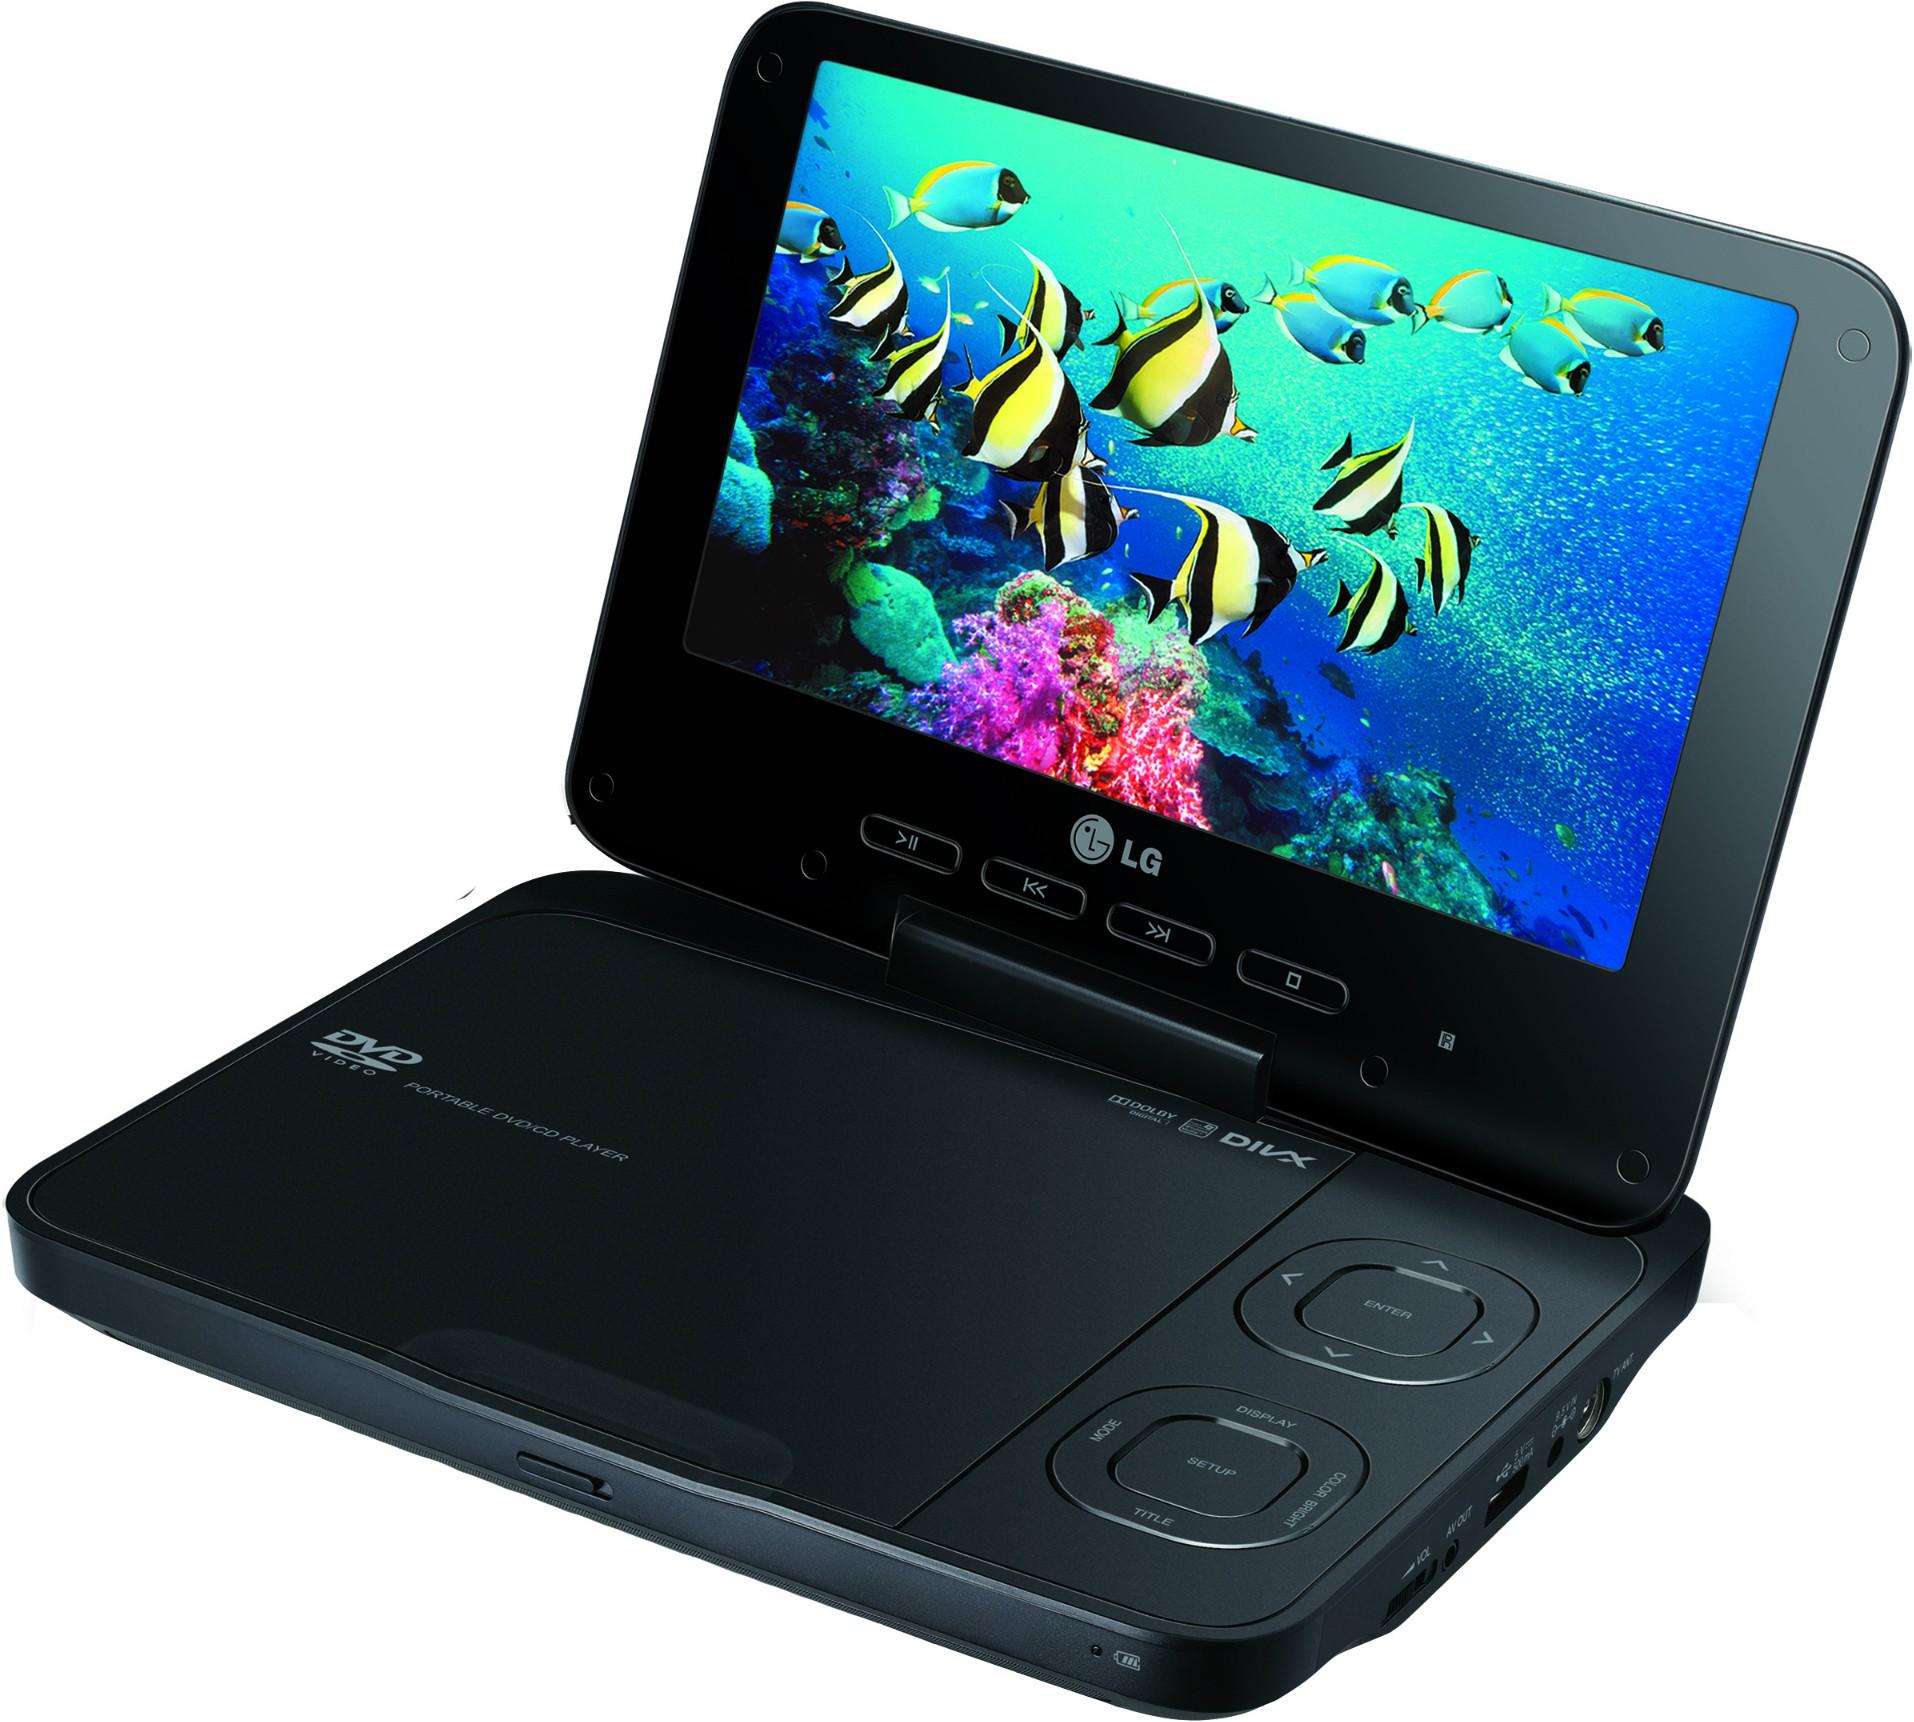 Портативный DVD плеер LG DT924A купить под заказ в магазине МастерКомп город Коростень.